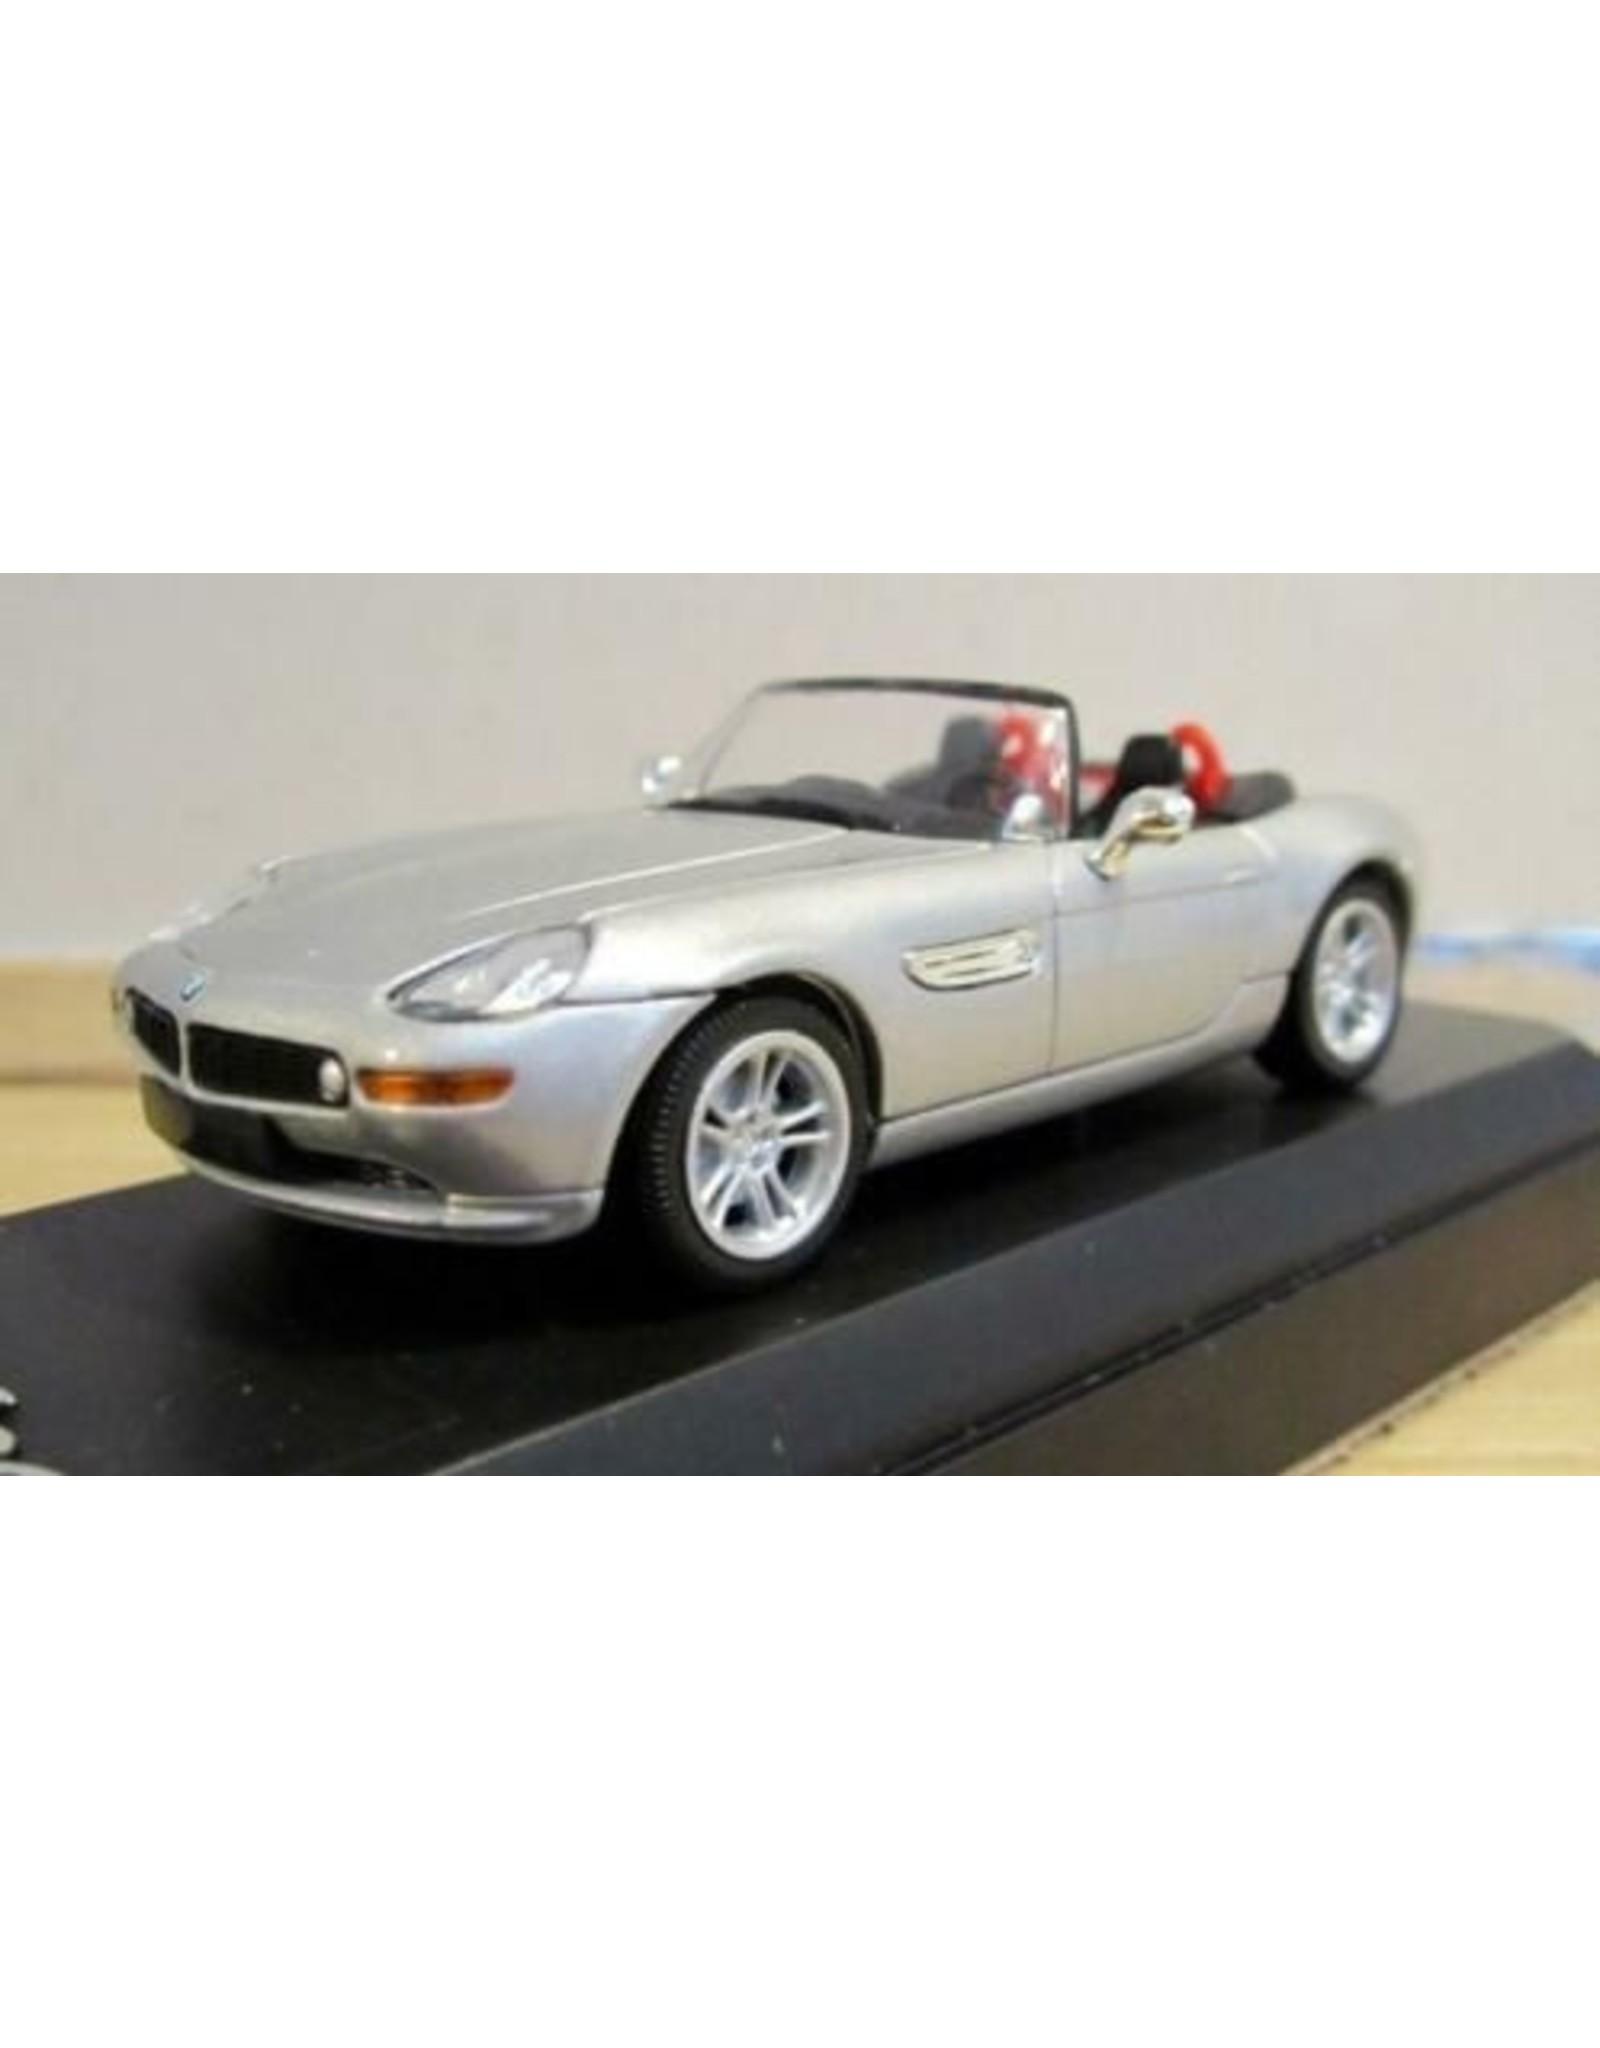 BMW BMW Z8 (silver metallic)